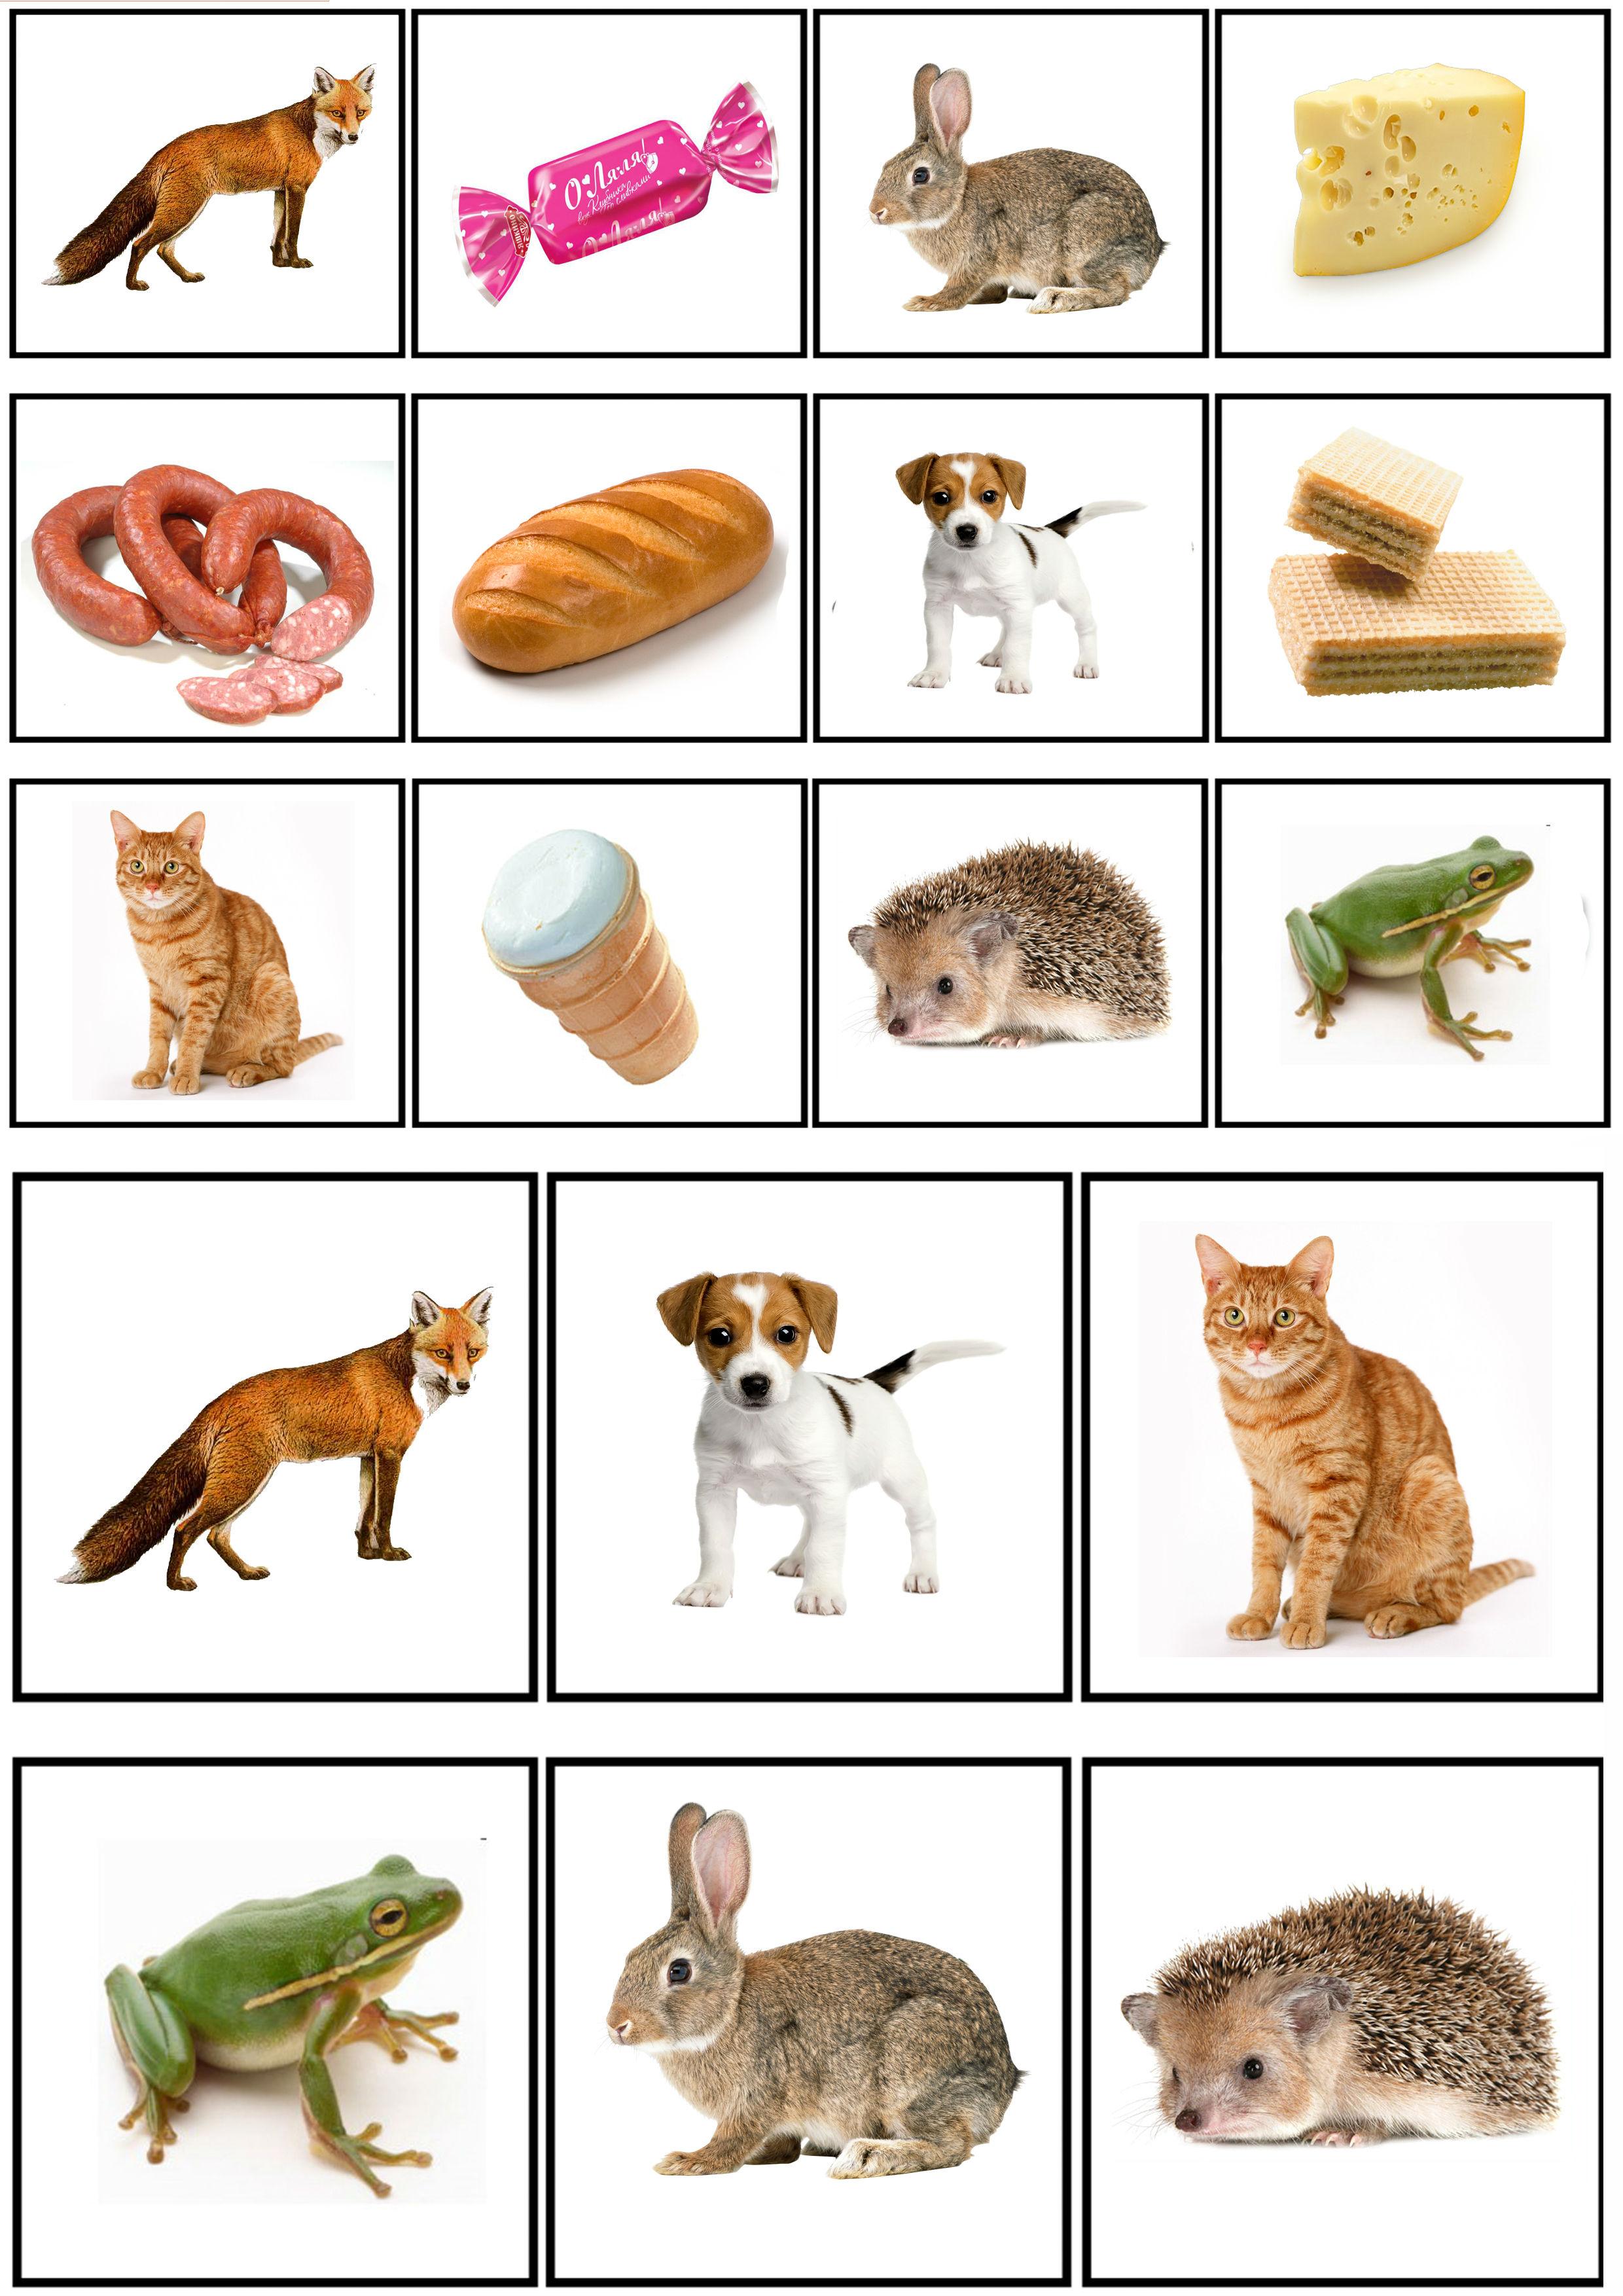 Картинка что едят дикие животные